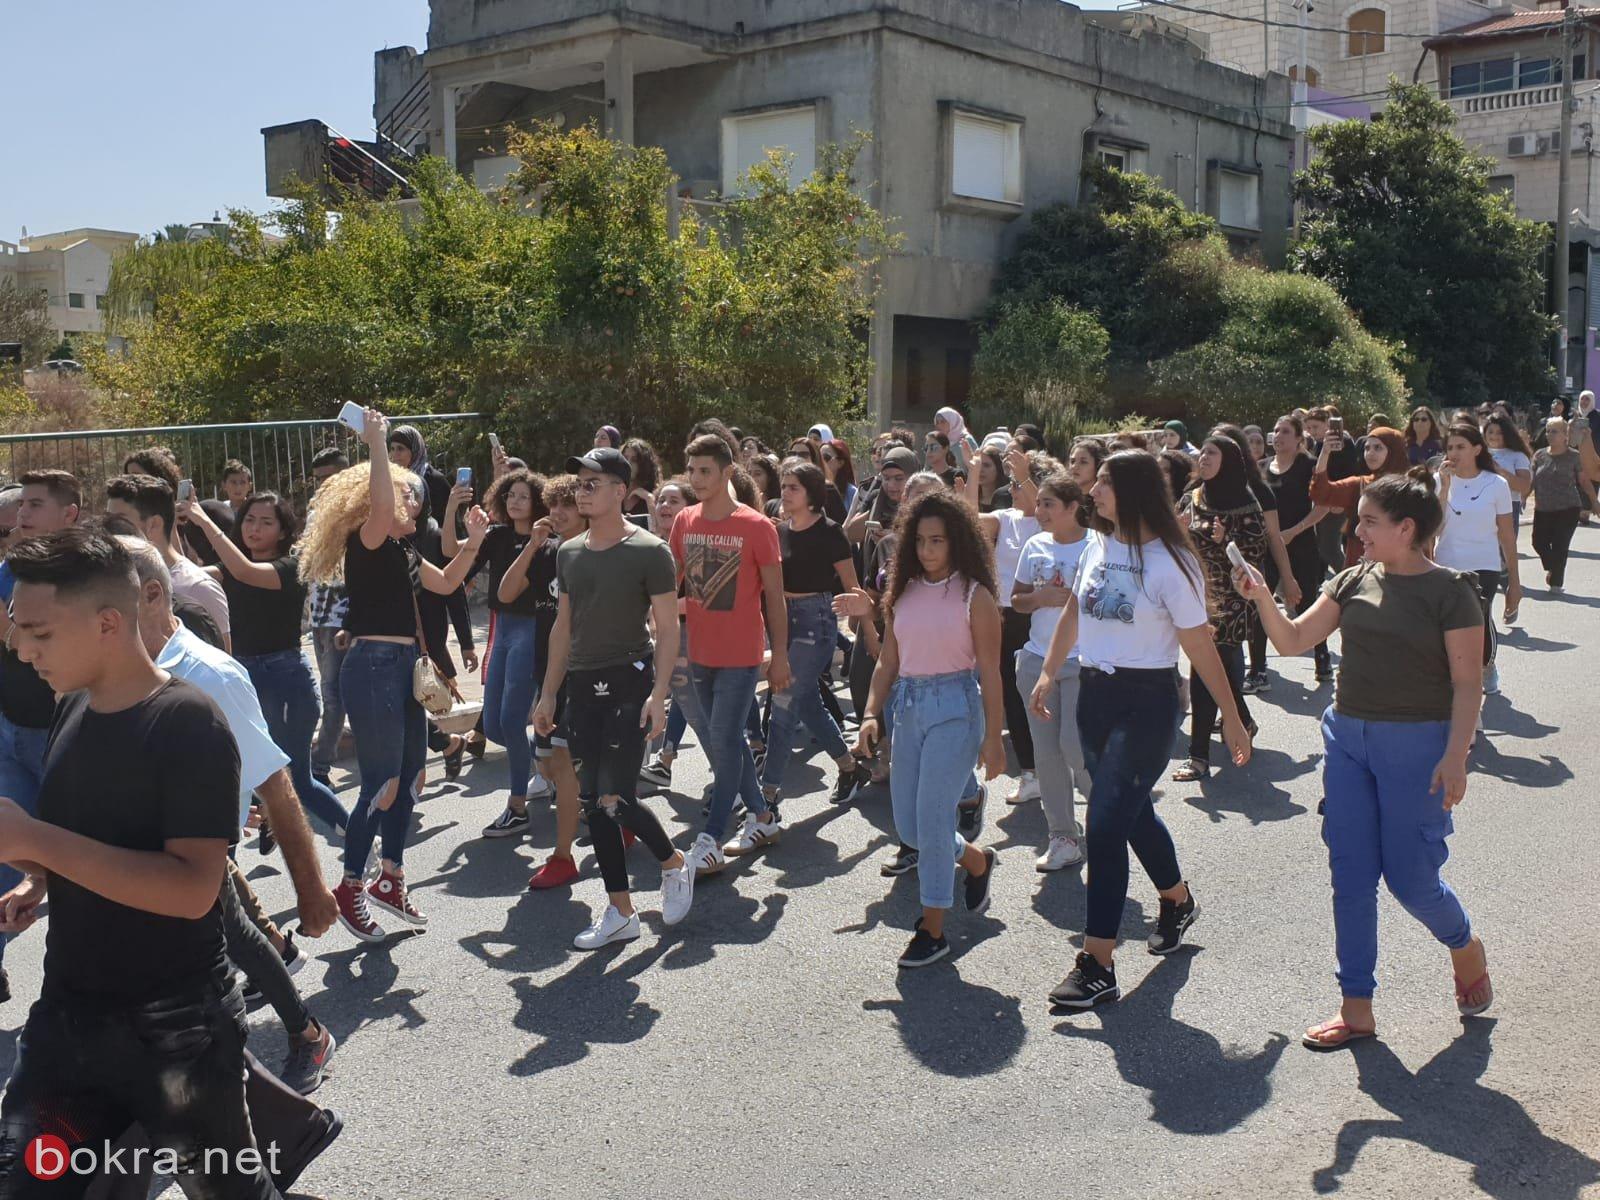 مسيرة احتجاجية وإضراب في شفاعمرو .. وصدمة واستياء من تصريحات رئيس البلدية!